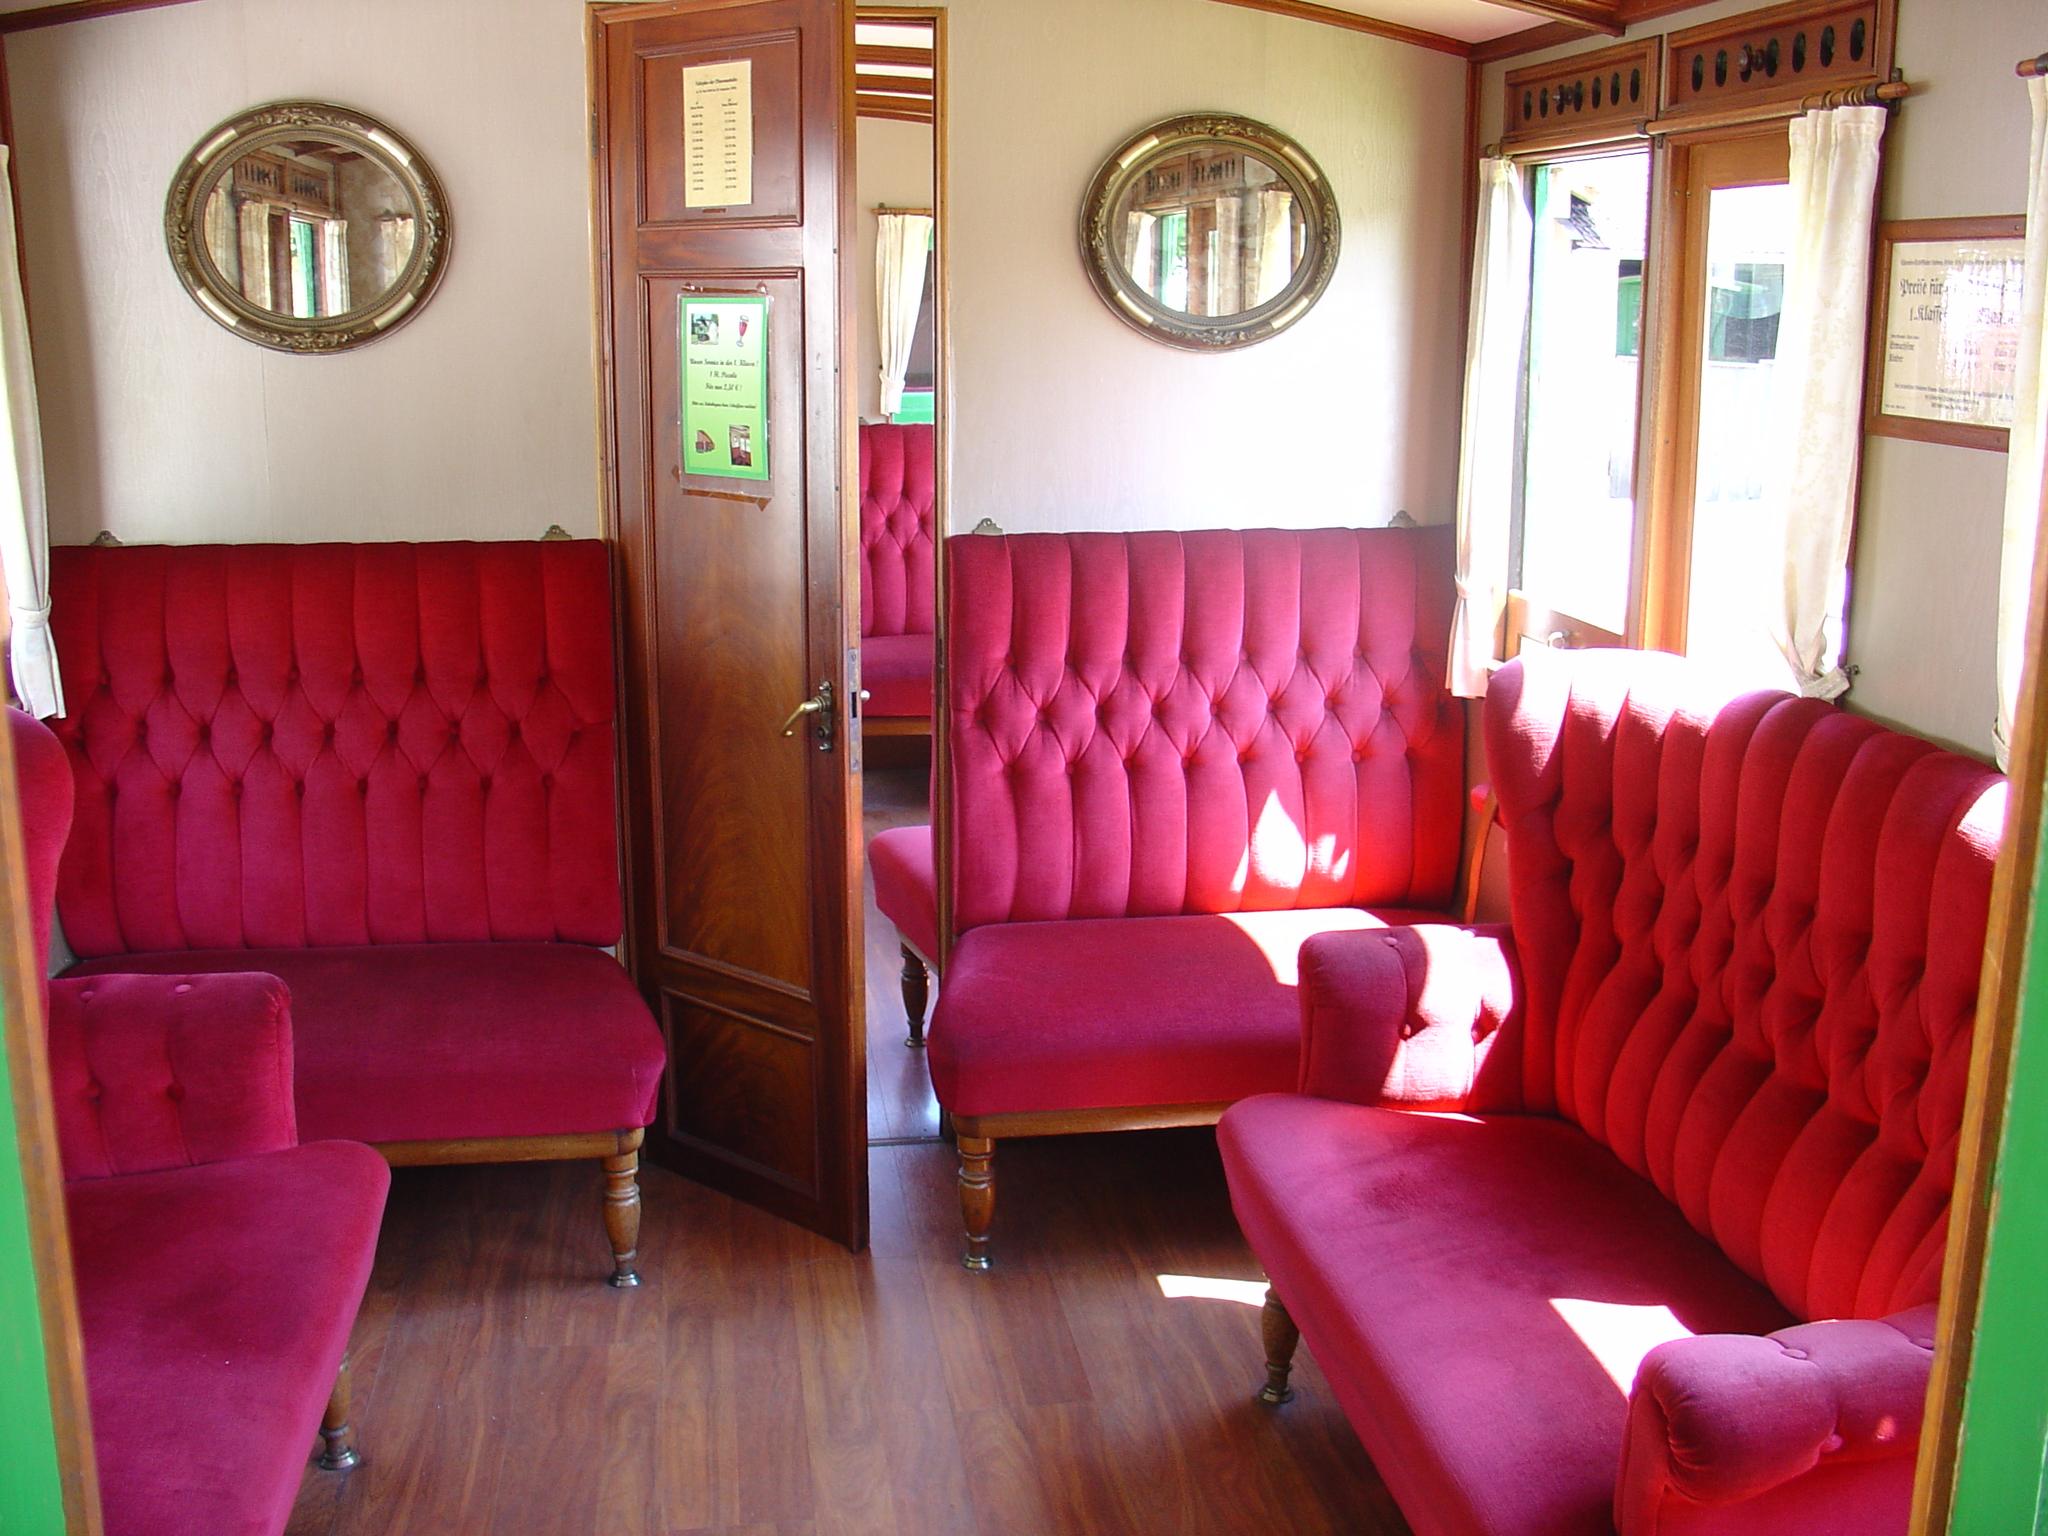 File Abteil 1 Chiemsee Bahn Jpg Wikimedia Commons